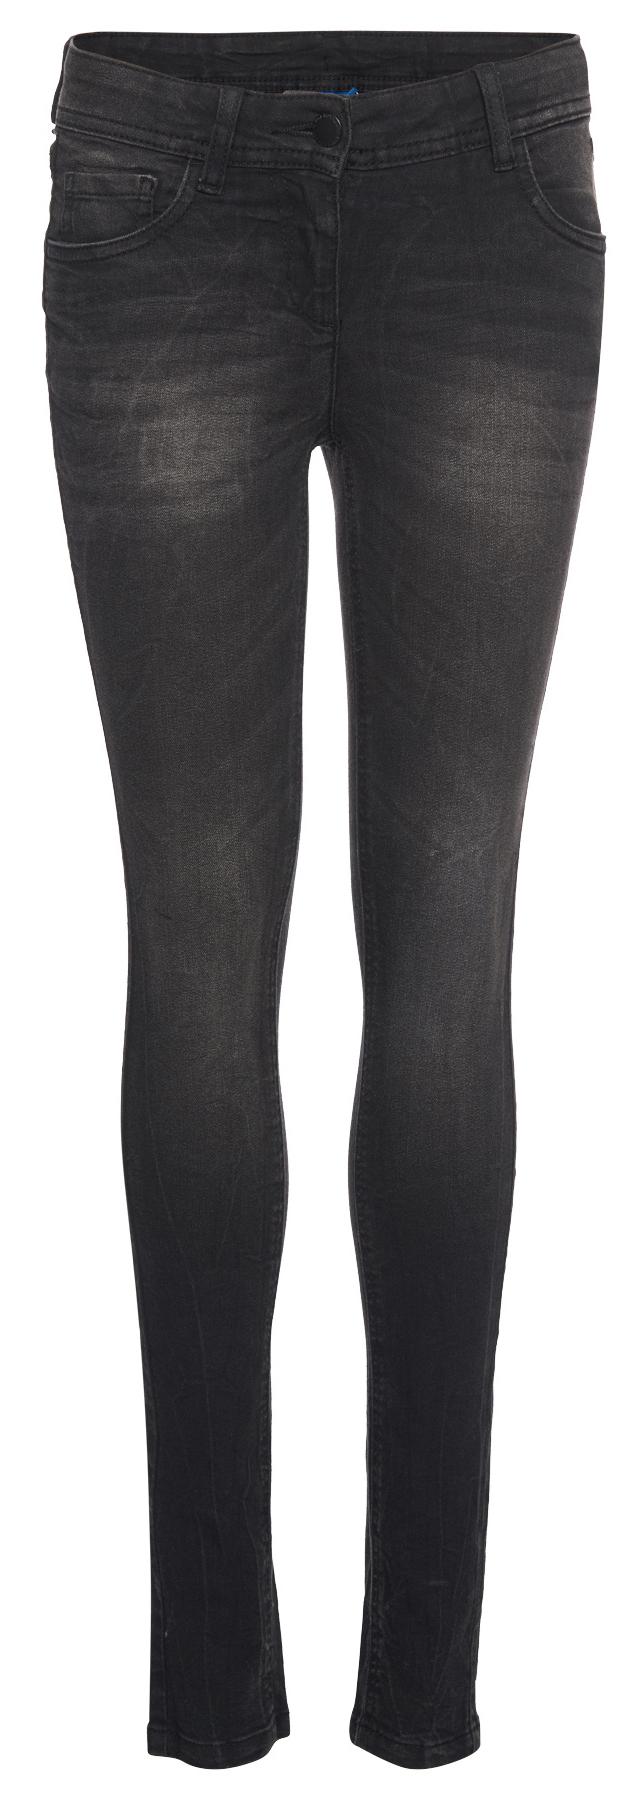 Джинсы для девочки Tom Tailor, цвет: черный. 6205769.09.40. Размер 152